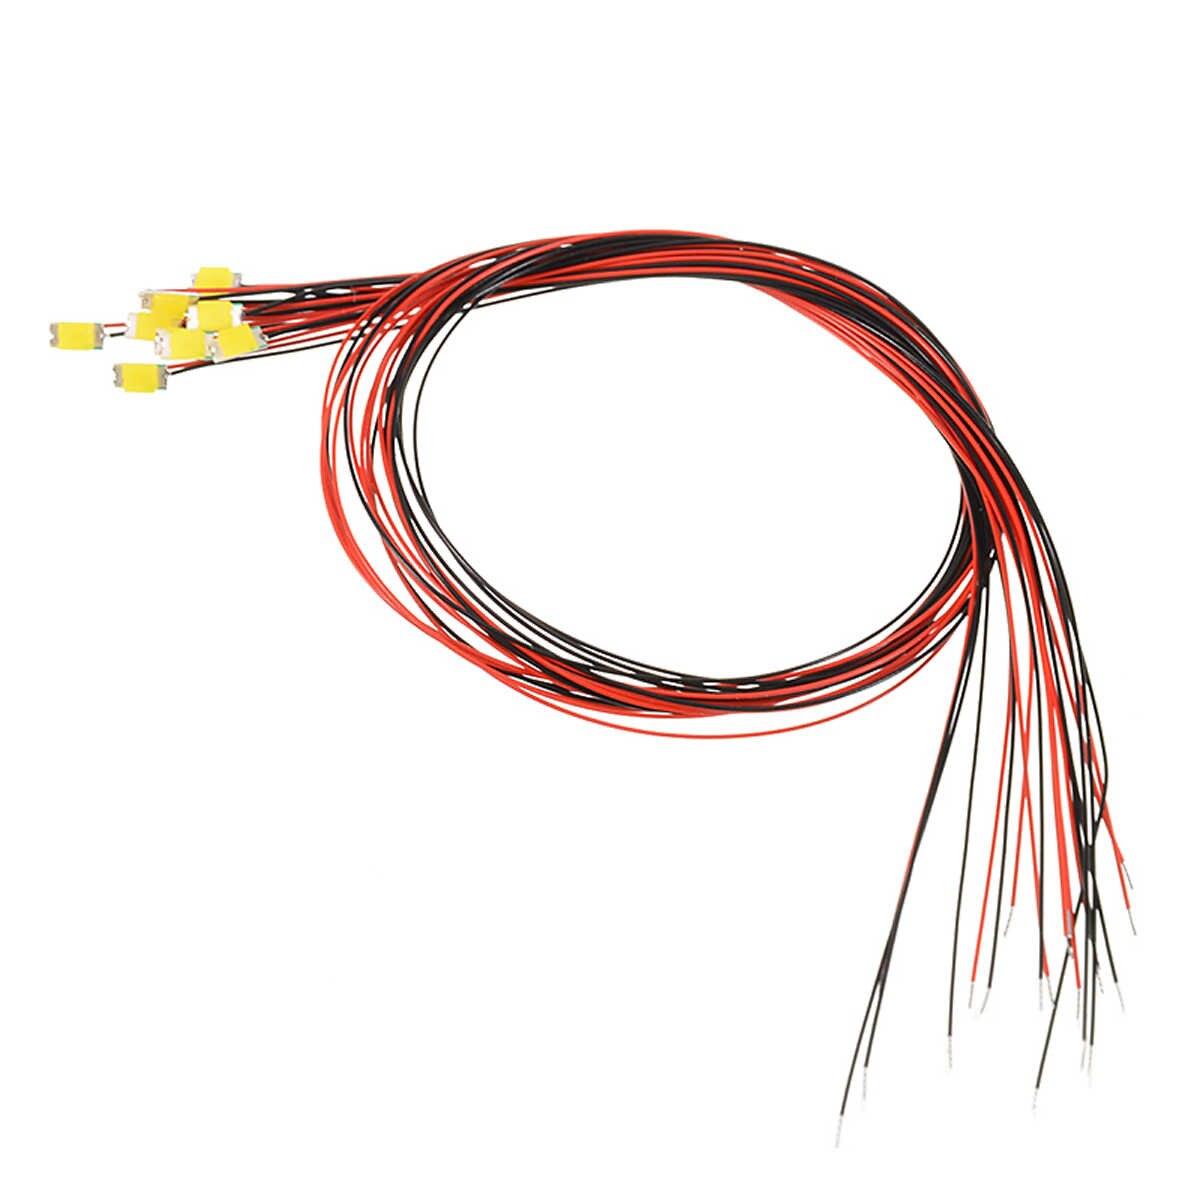 10 個 1206 smd 事前ハンダ付けマイクロリッツ有線リードウォームホワイト smd は 200 ミリメートル 2.8 v 3.4 用スモールモデル diy